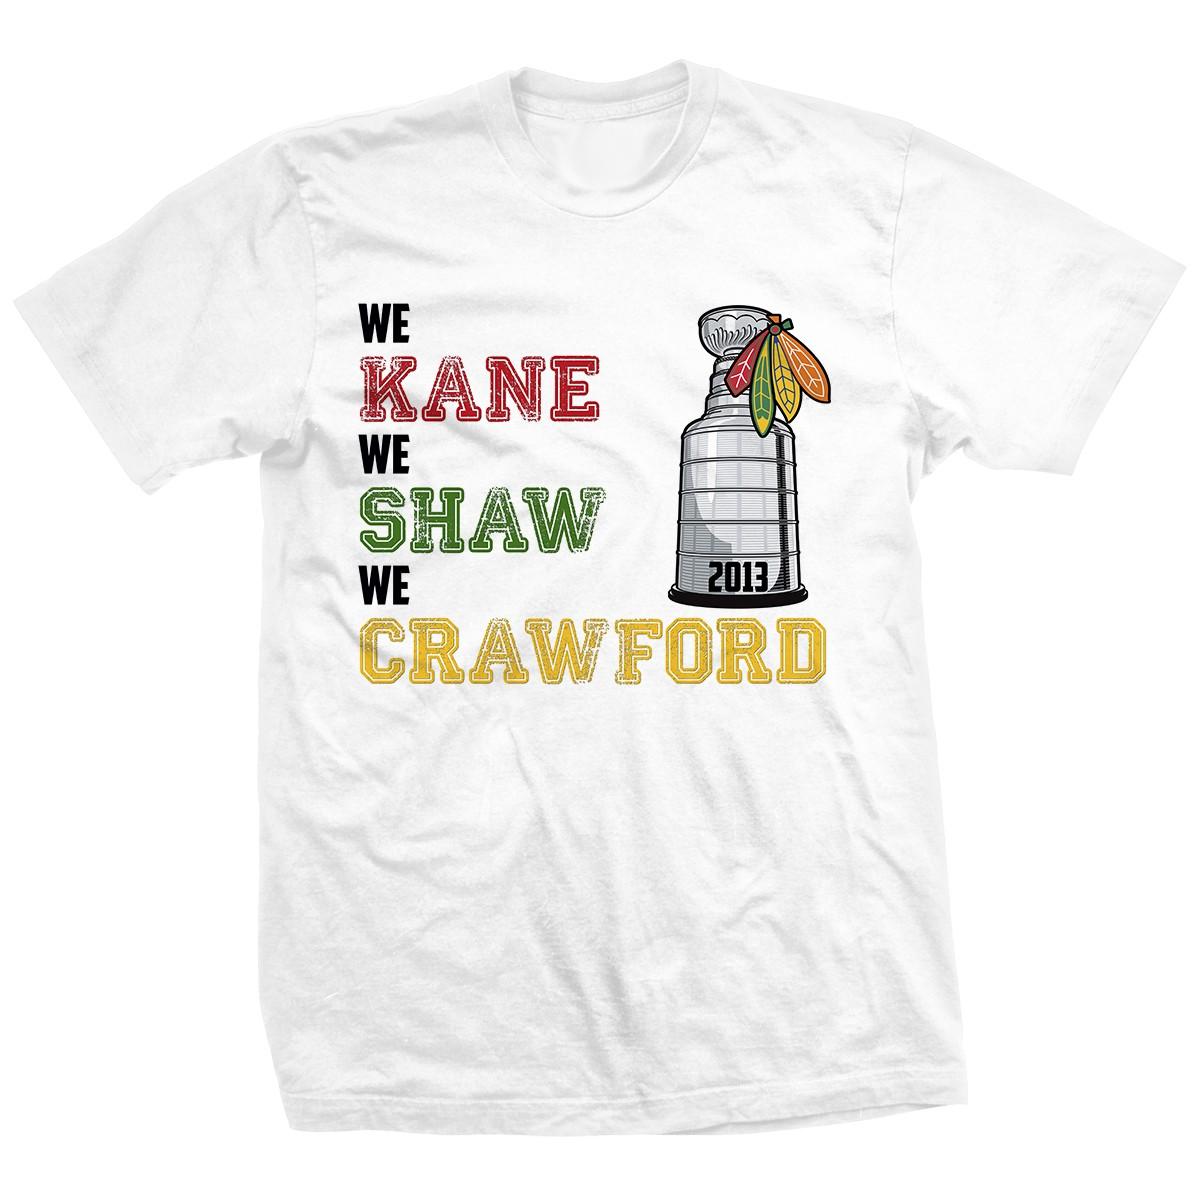 We Kane We Shaw We Crawford